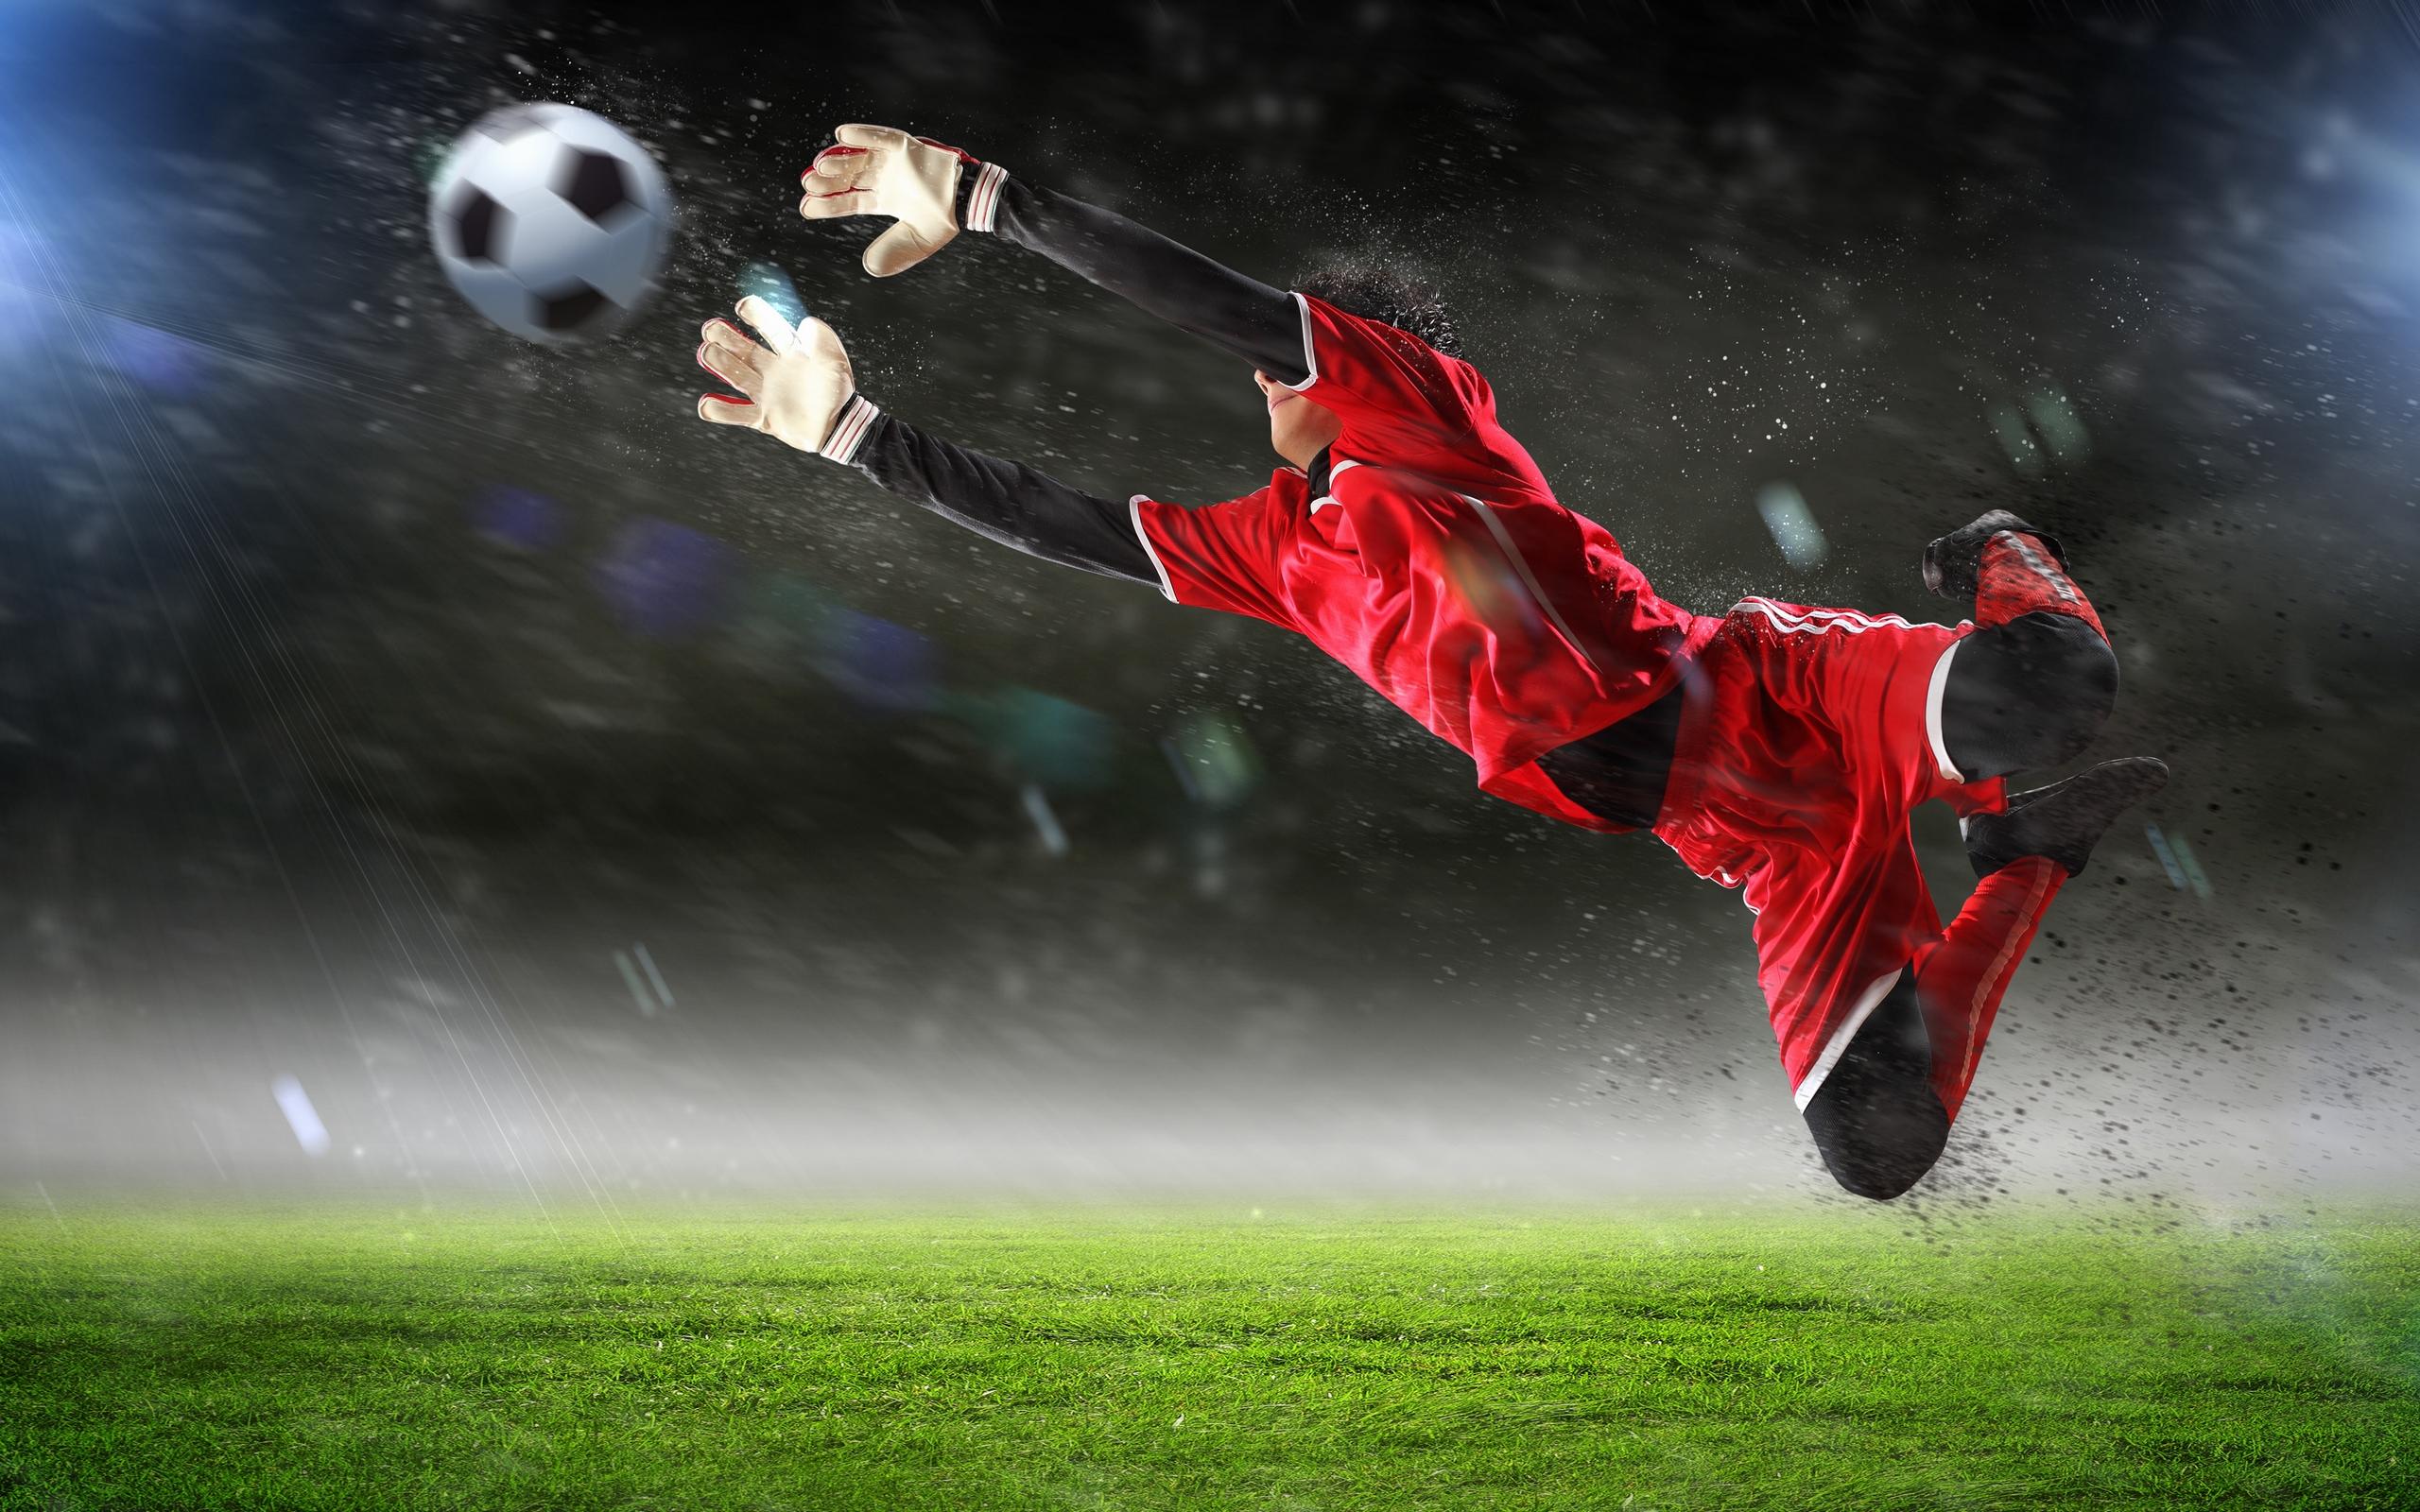 Звериный футбол  № 3148827 загрузить